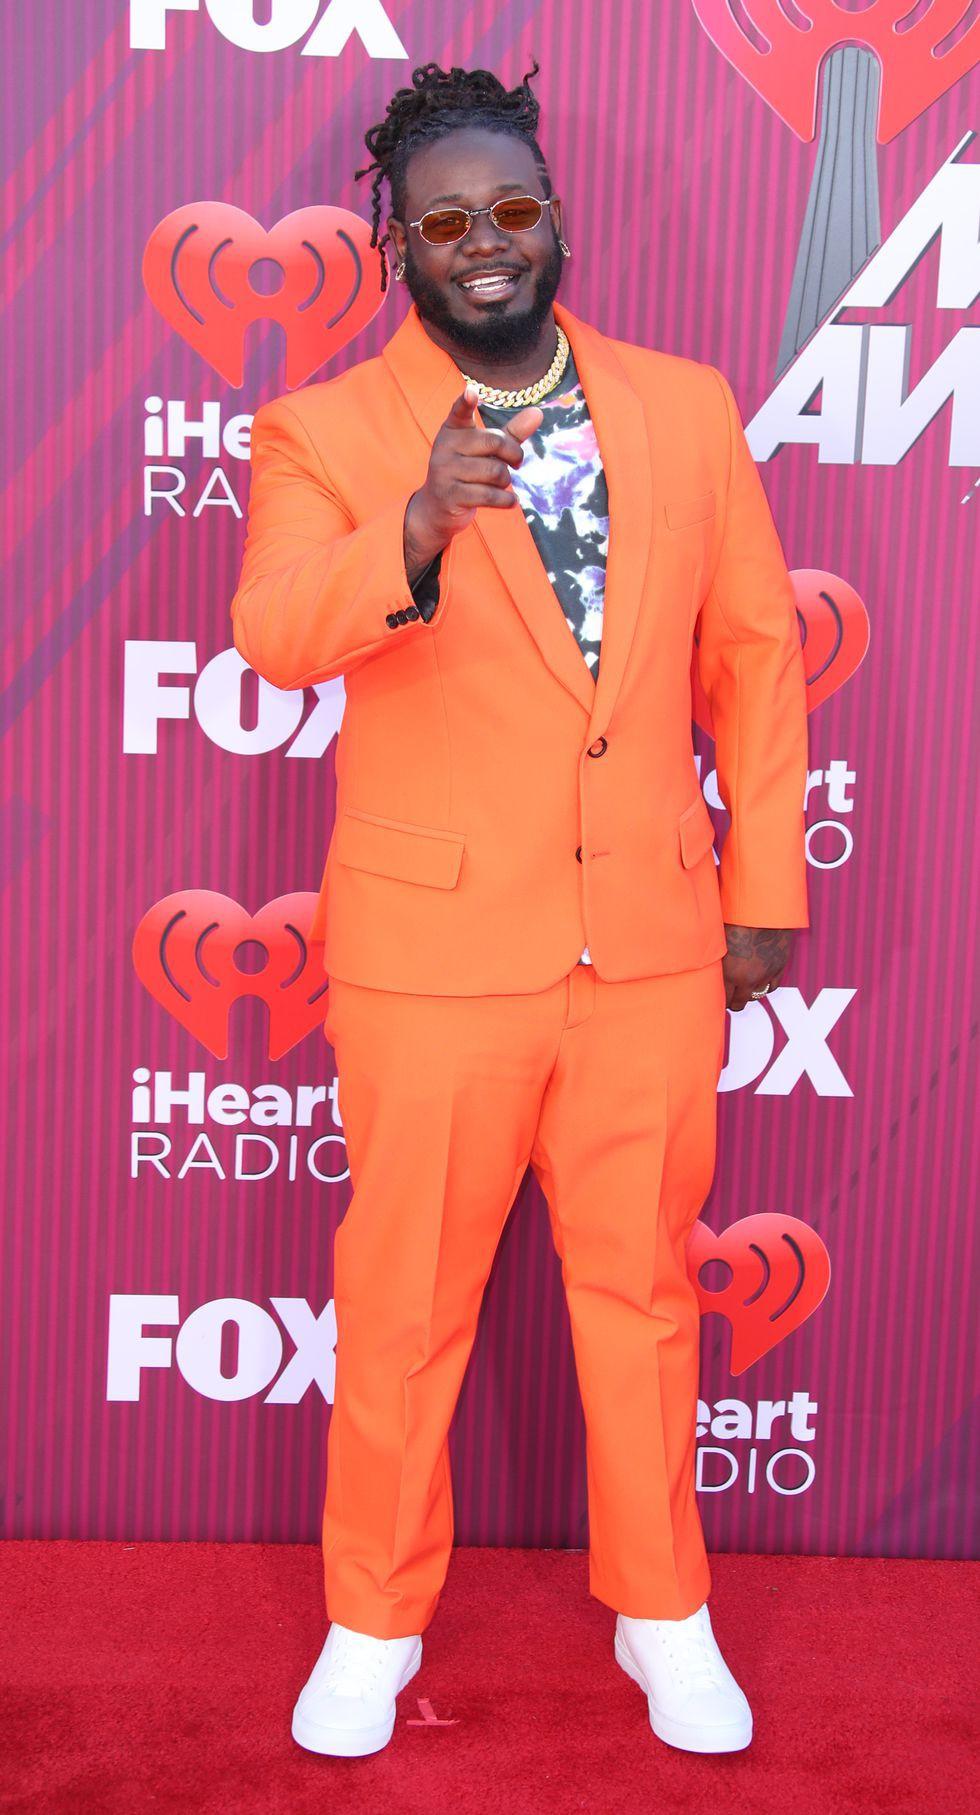 Thảm đỏ iHeartRadio: Taylor Swift chiếm hết spotlight, Katy Perry và Tiffany (SNSD) diện đồ khó đỡ - Ảnh 14.